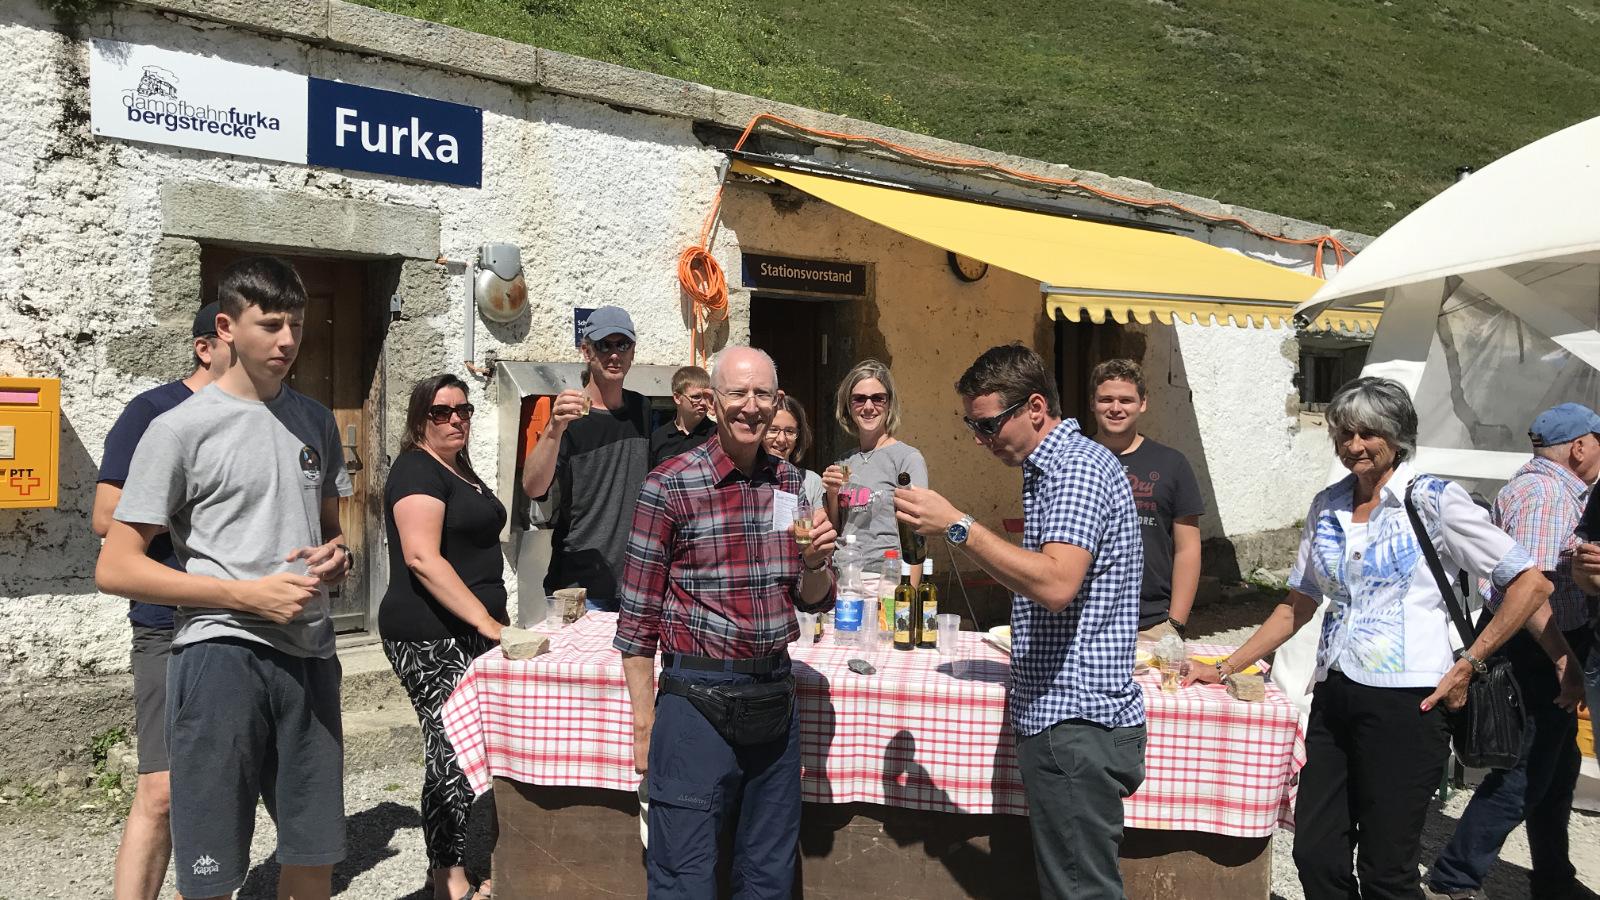 Apéro bei der Station Furka